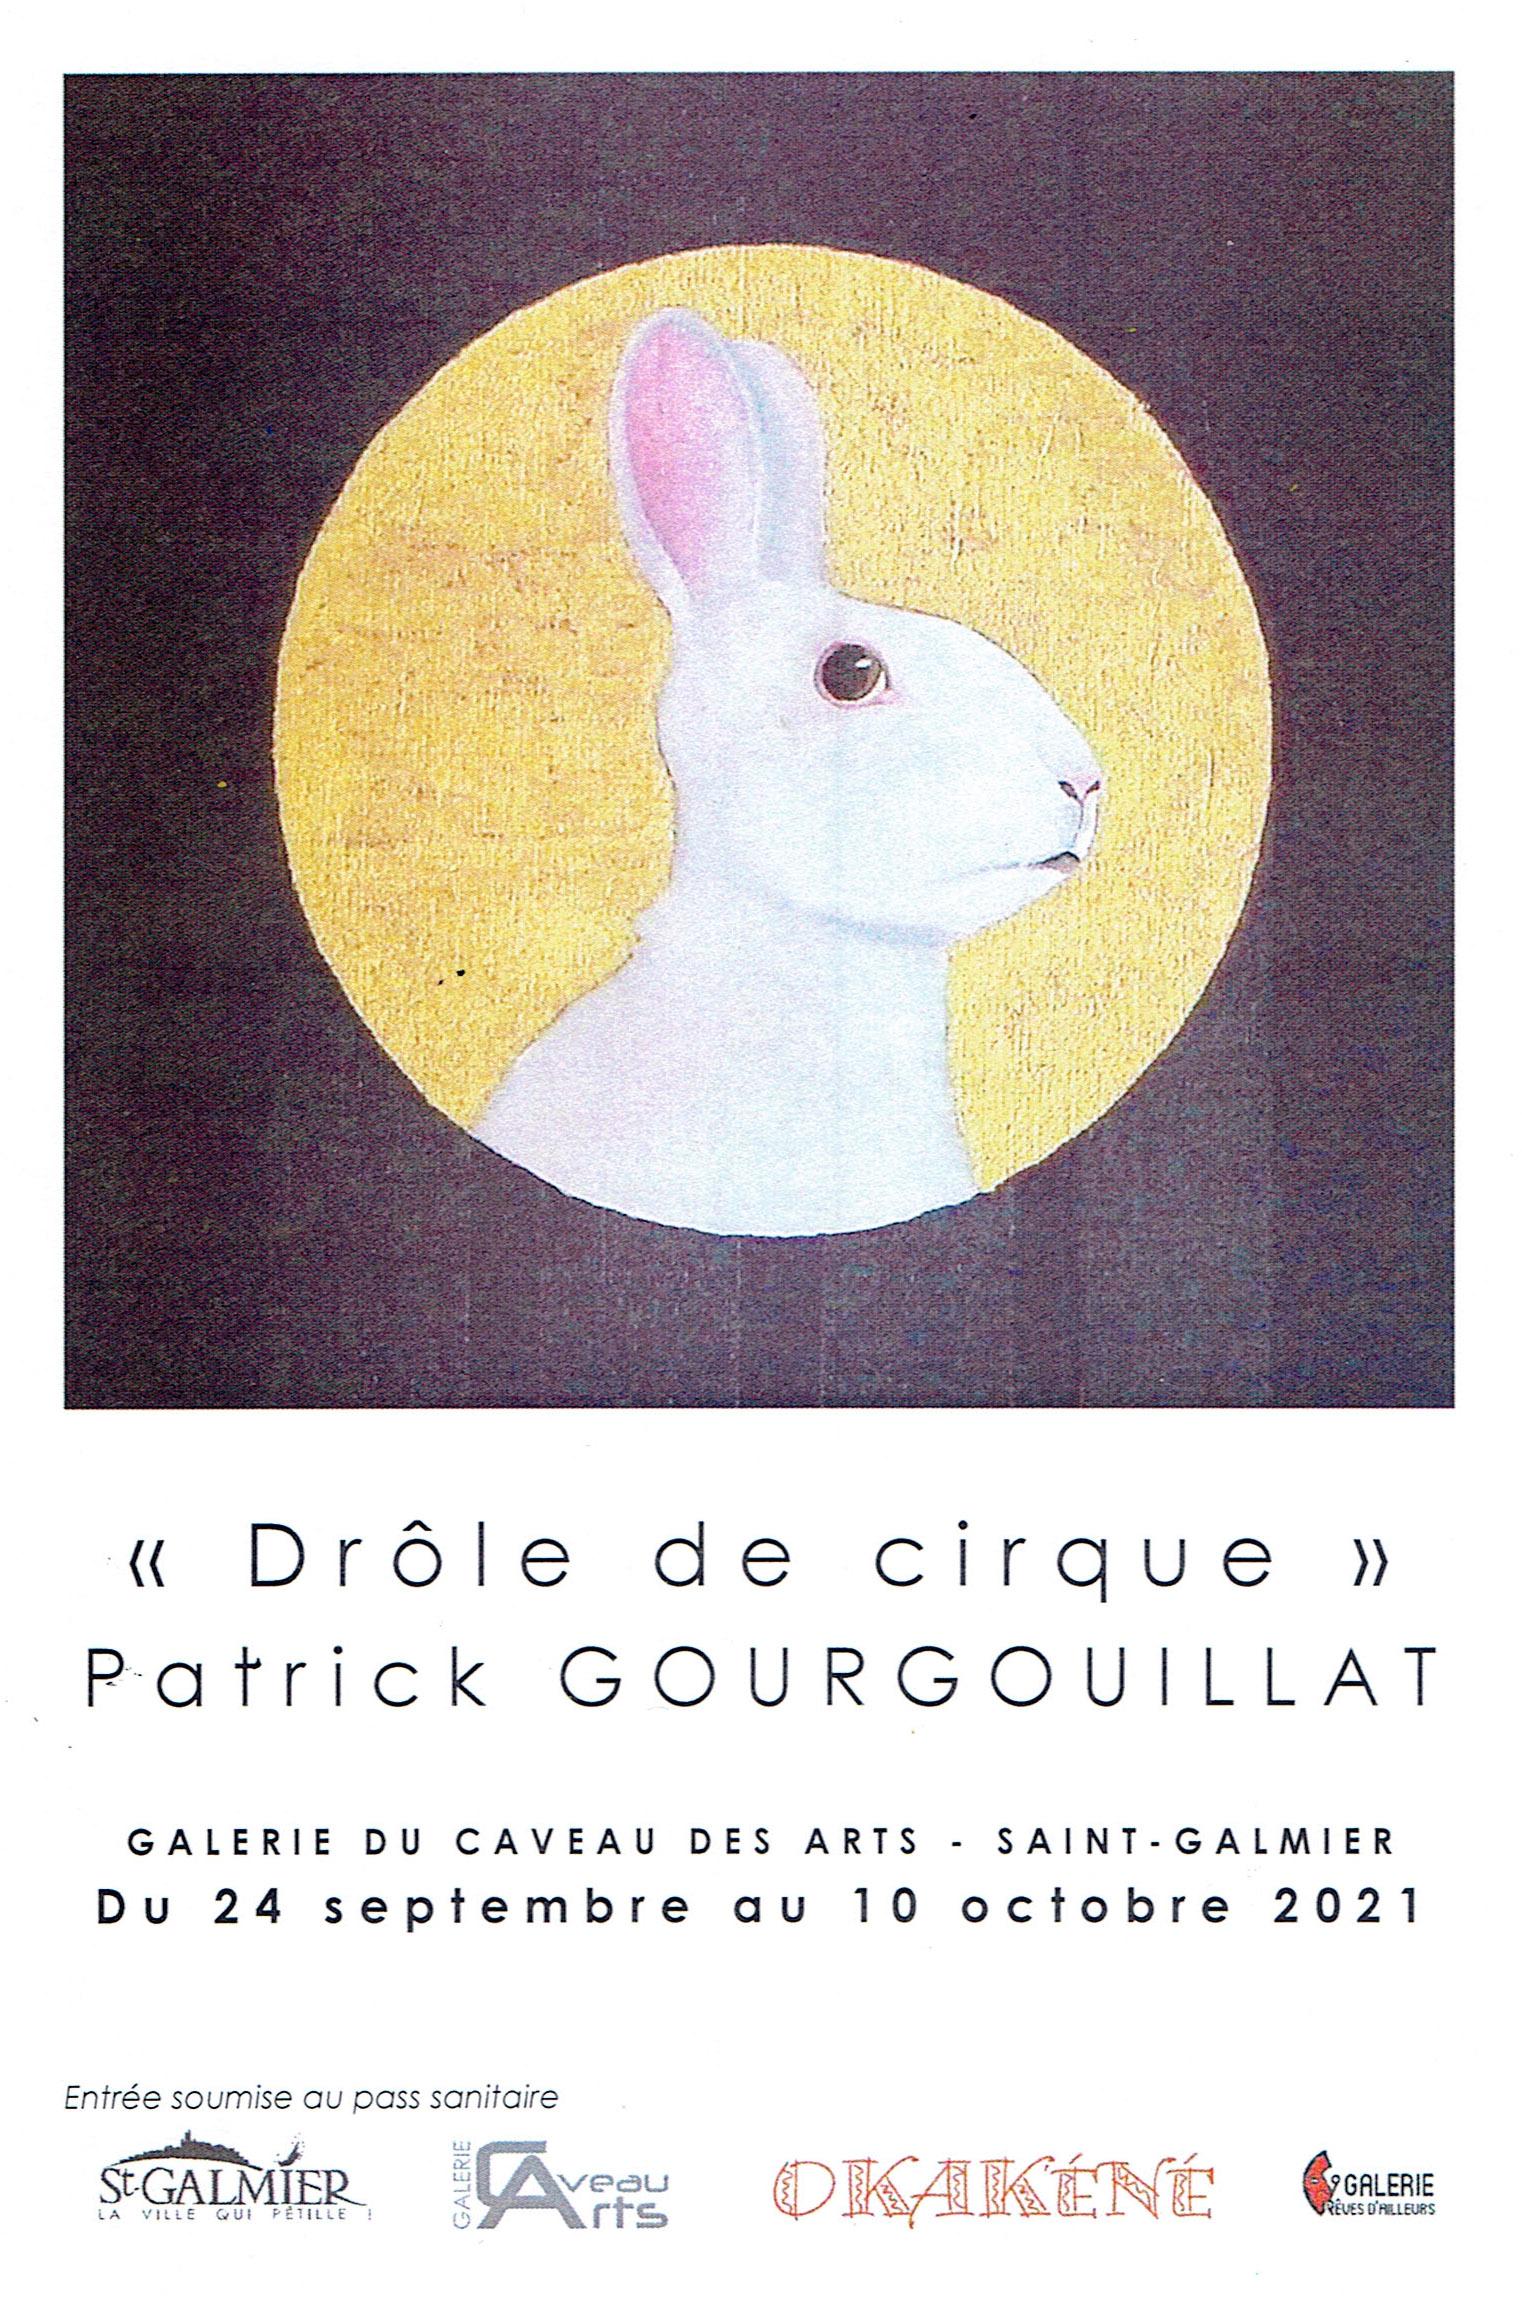 Exposition Patrick Gourgouillat - Caveau des Arts - Saint-Galmier